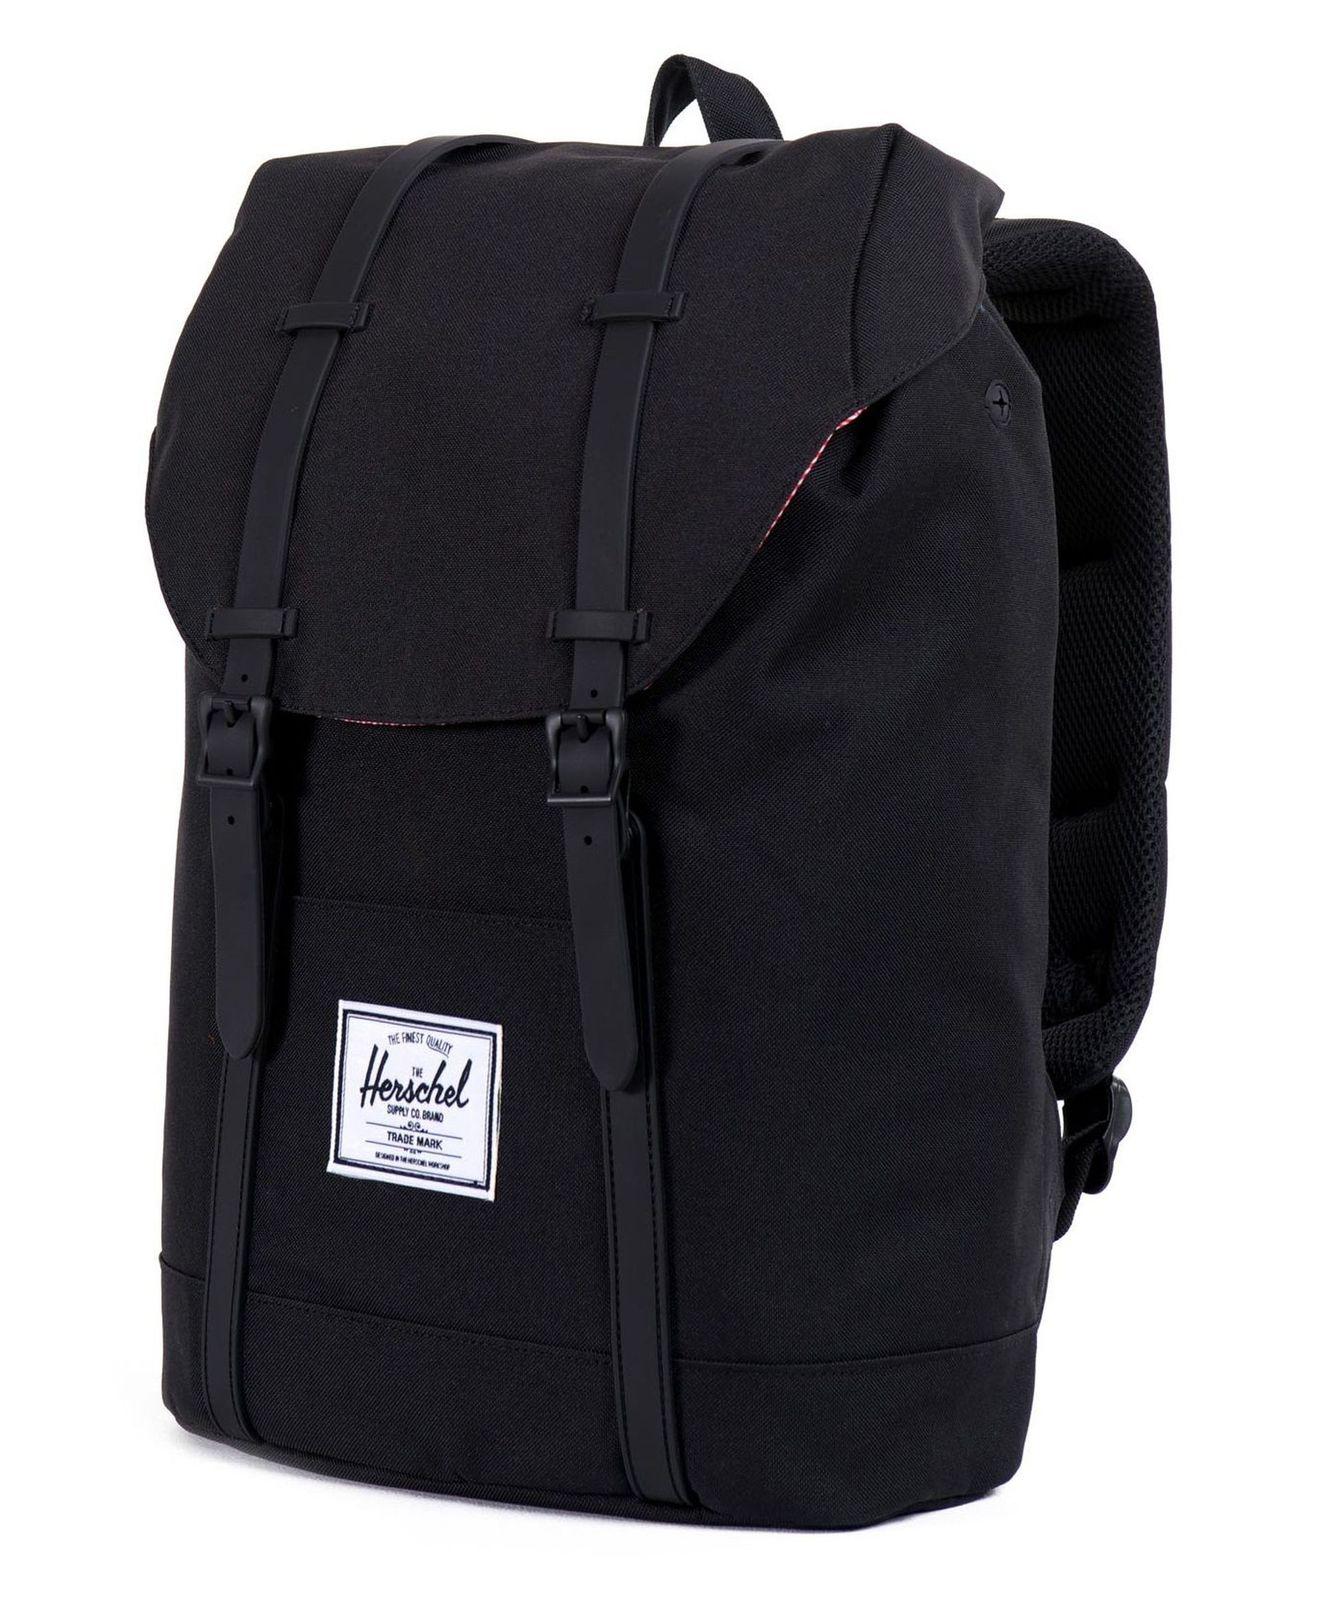 herschel backpack retreat black. Black Bedroom Furniture Sets. Home Design Ideas